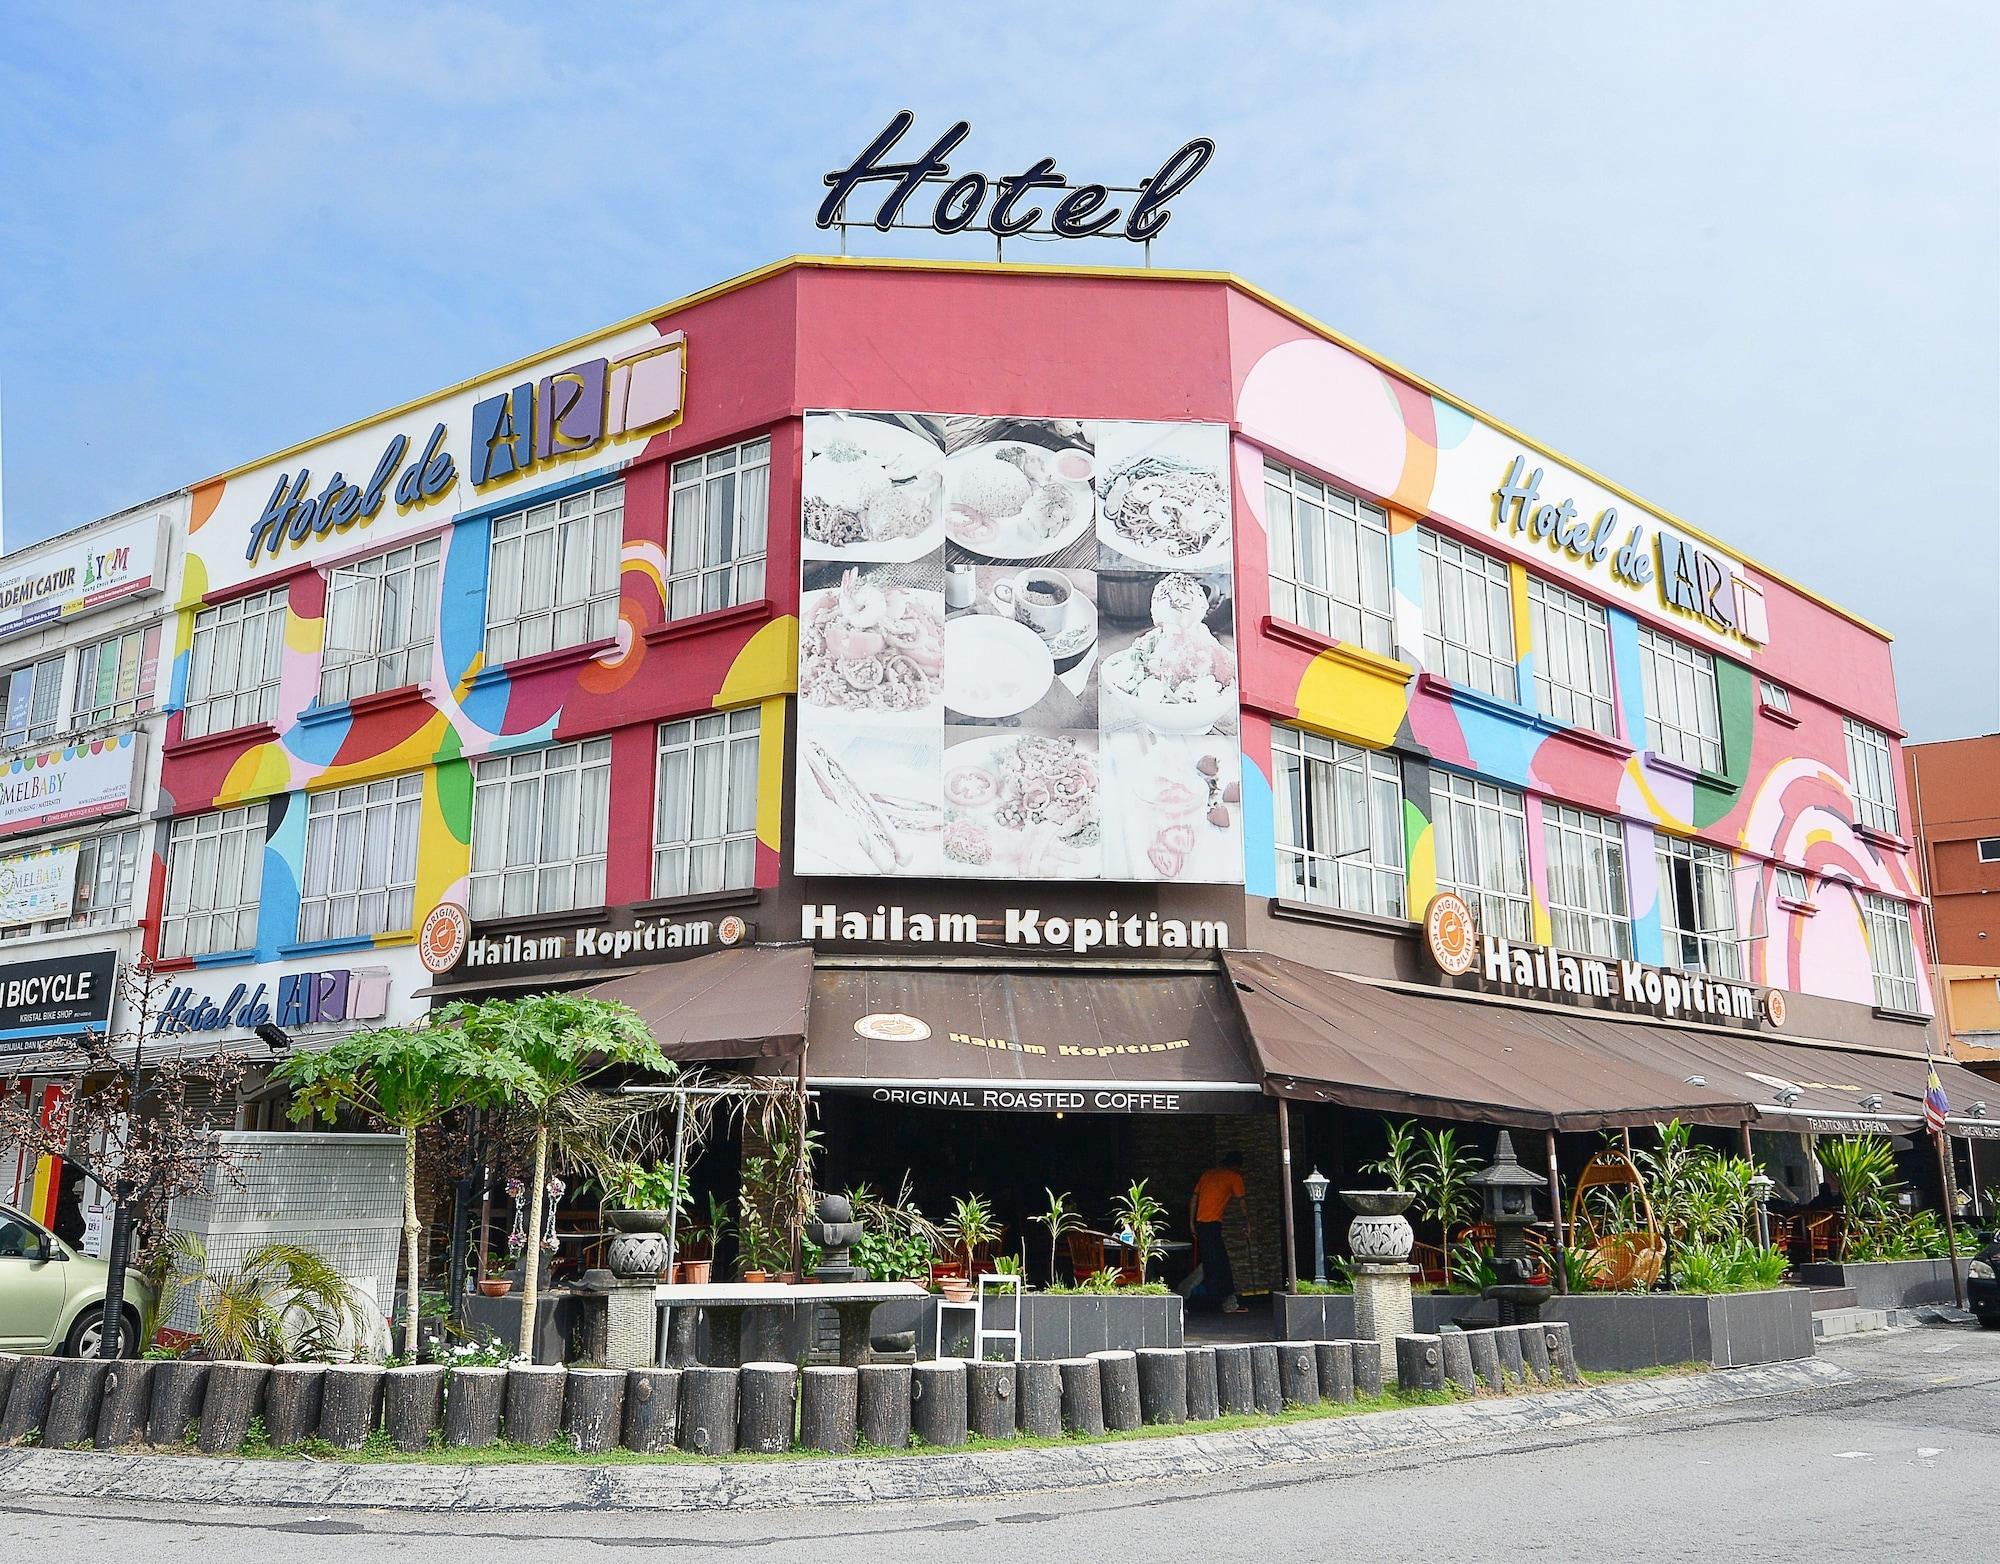 Hotel de Art Section 7 Shah Alam, Kuala Lumpur